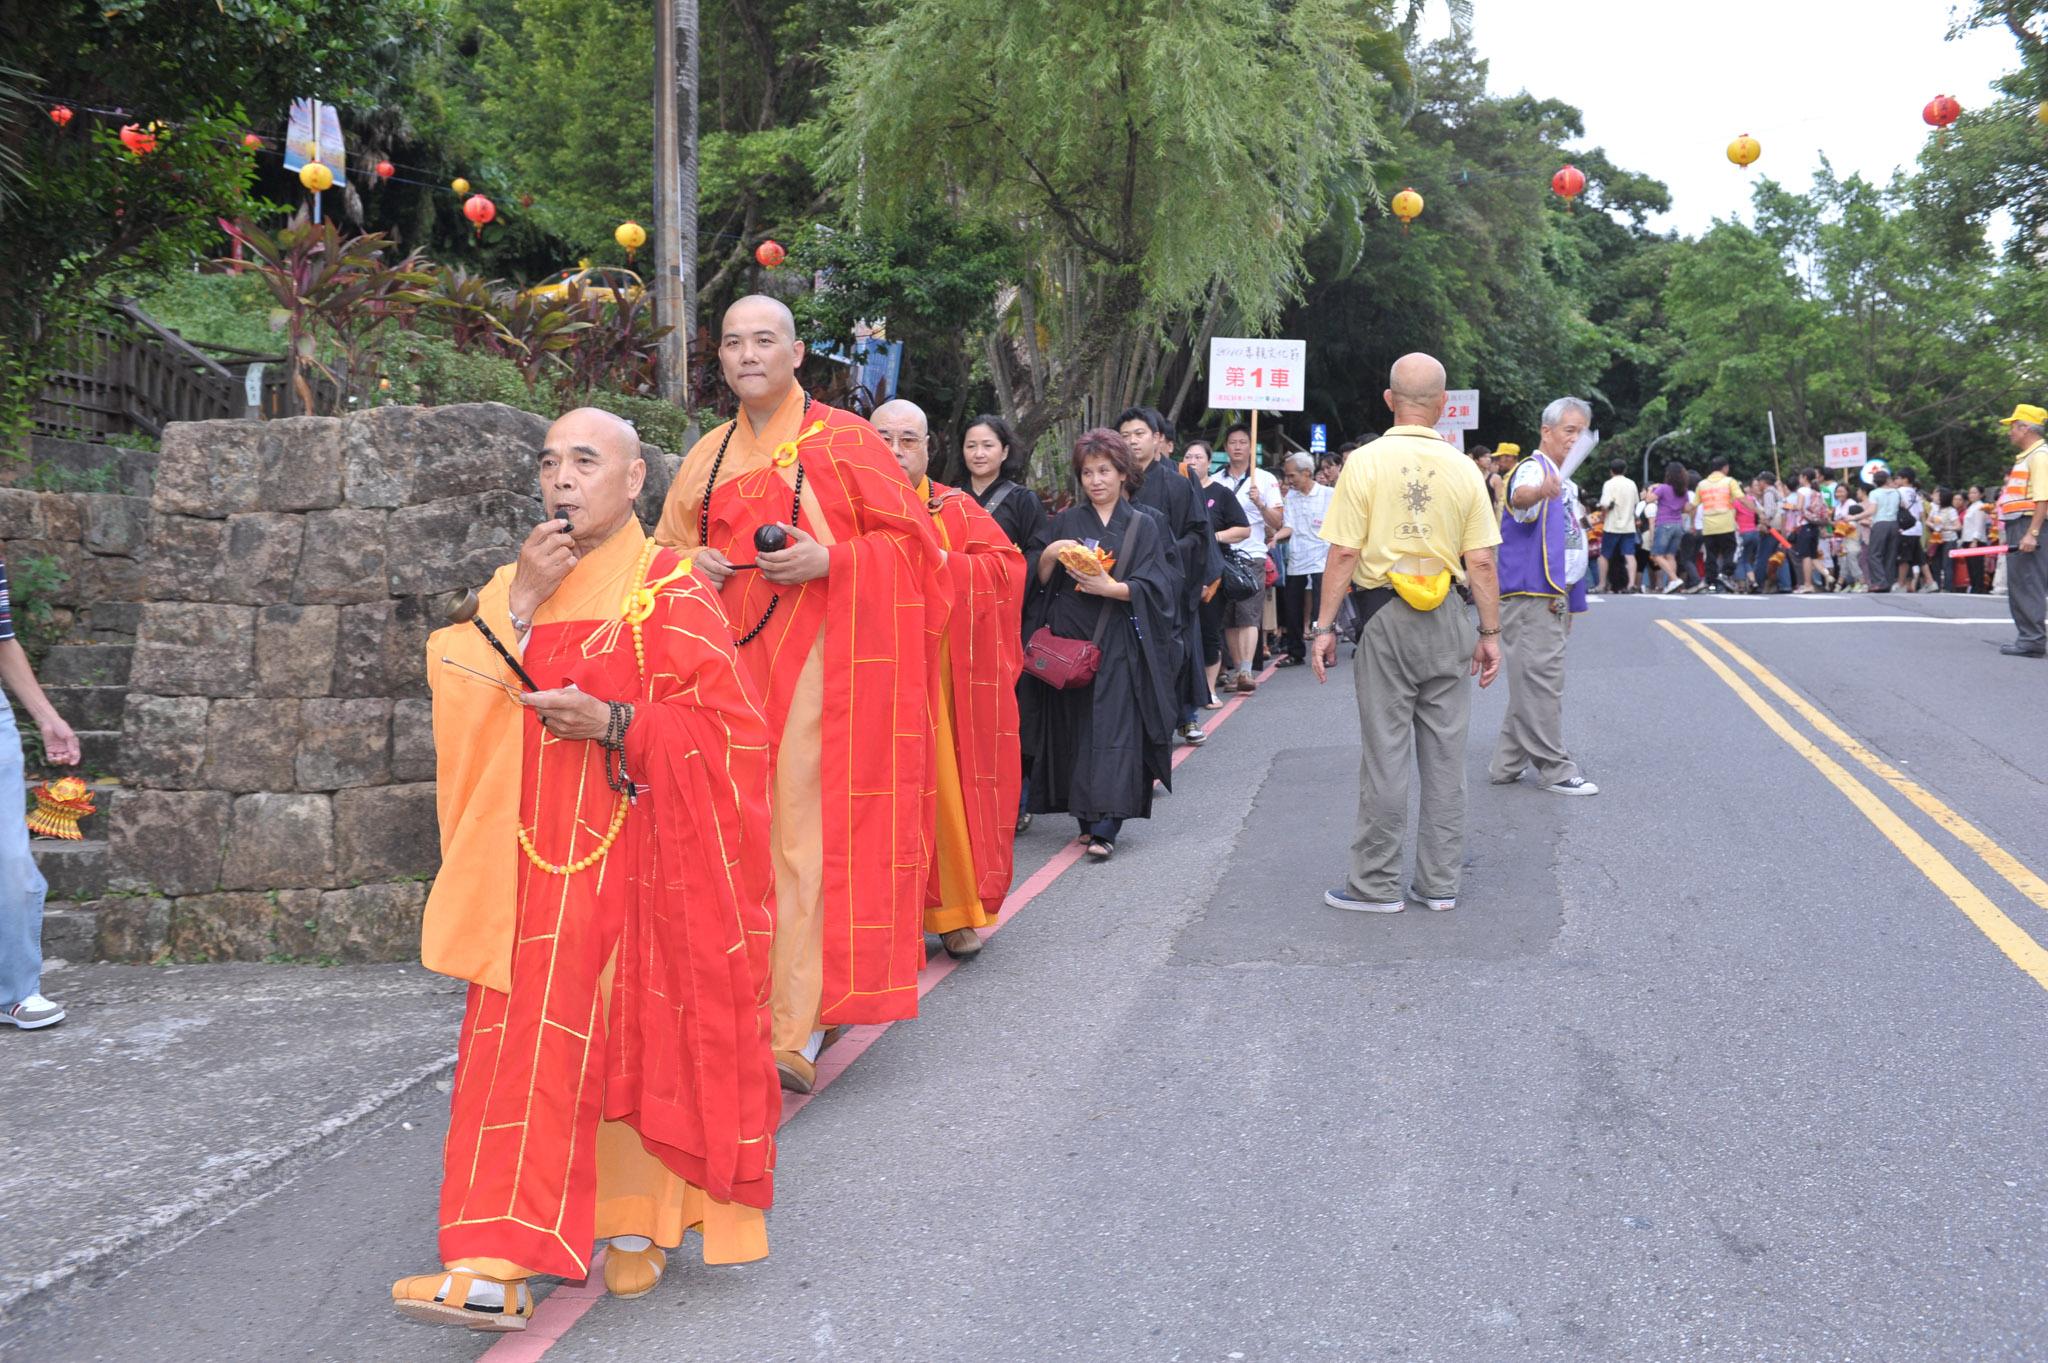 興隆寺法師帶領參加人員前往放水燈場地。